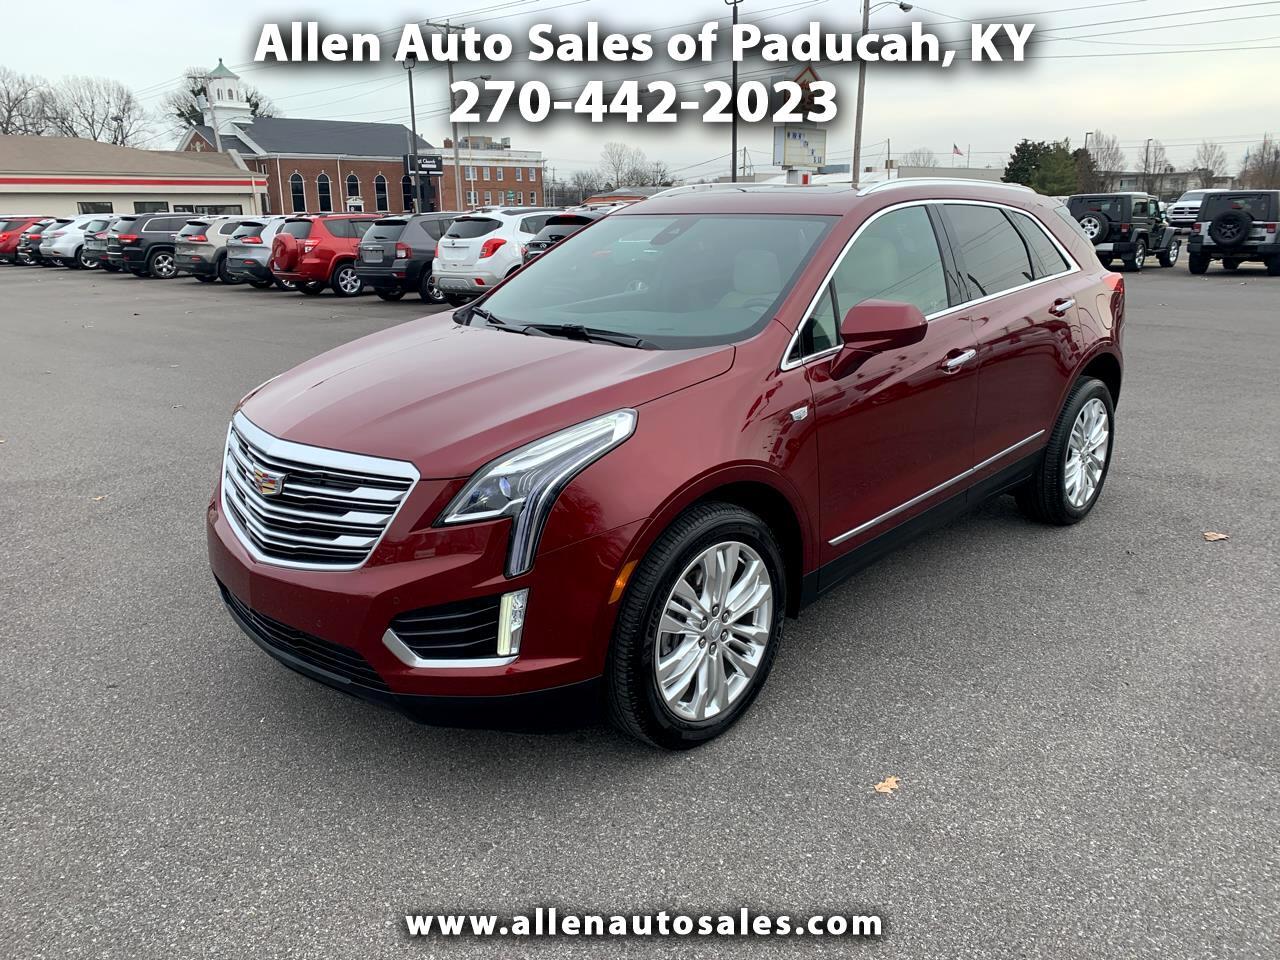 Allen Auto Sales >> Used Cars For Sale Paducah Ky 42001 Allen Auto Sales